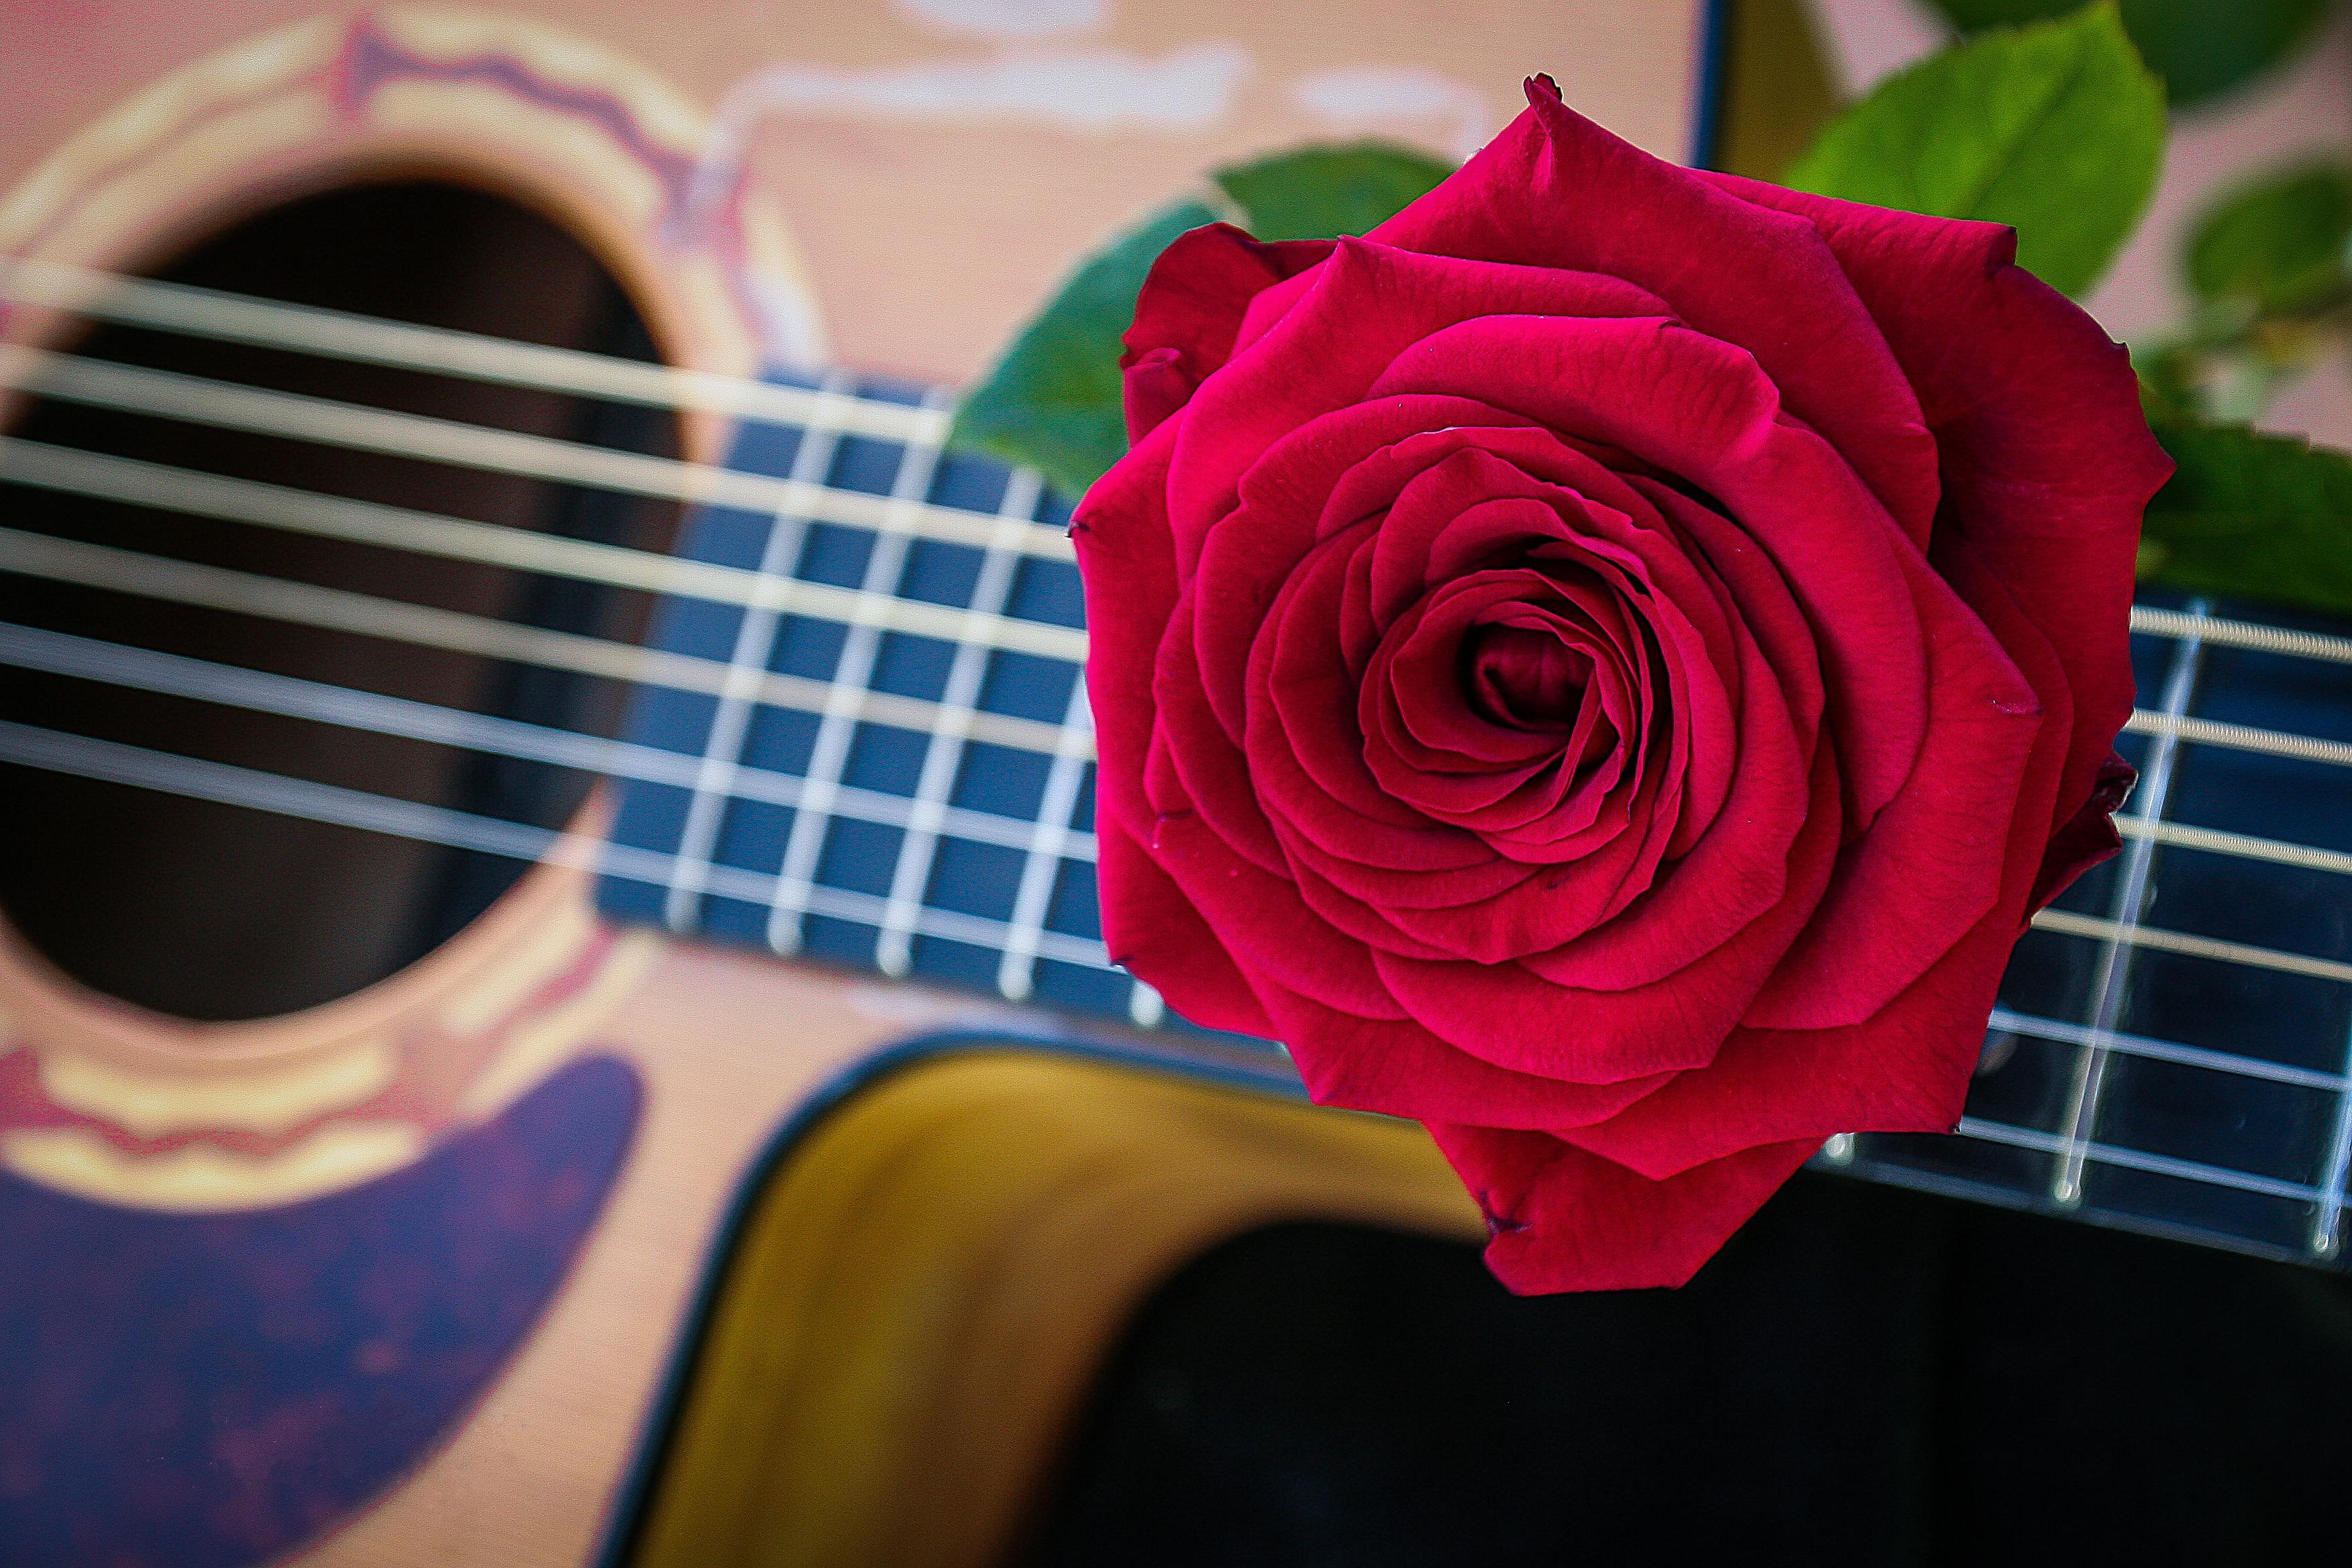 роза, цветок, флора